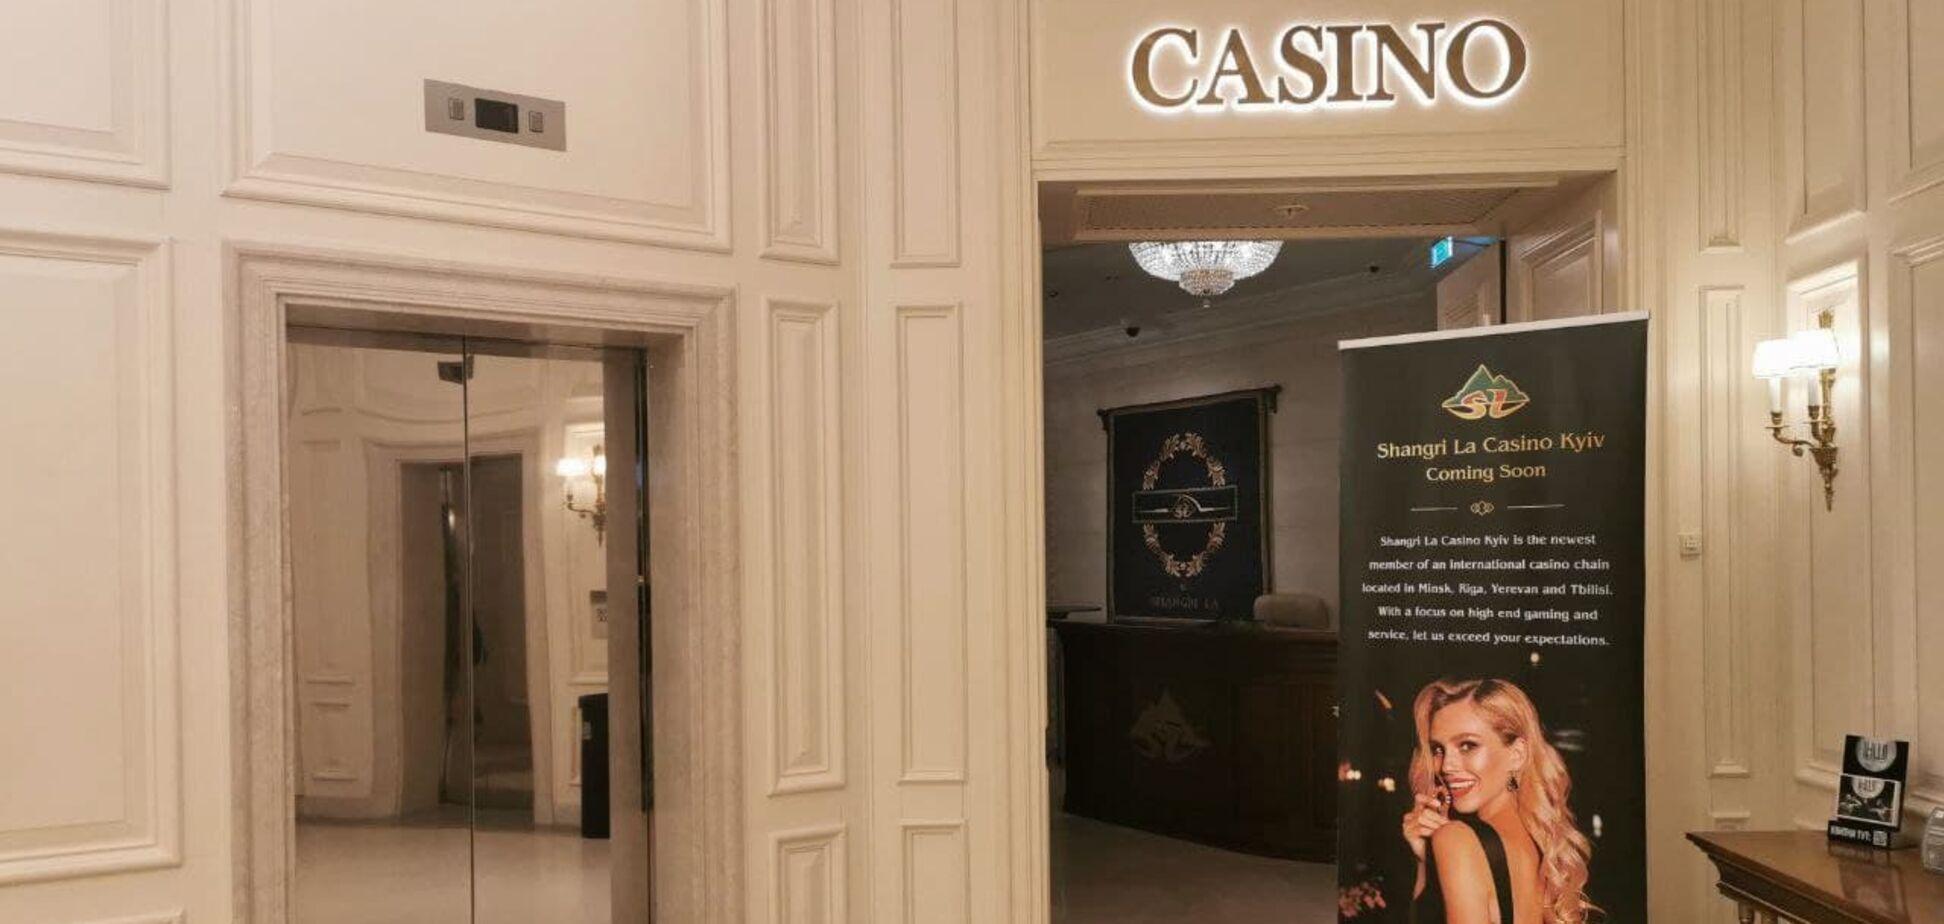 Міжнародне казино працевлаштувало 300 українців, незважаючи на ковідну кризу